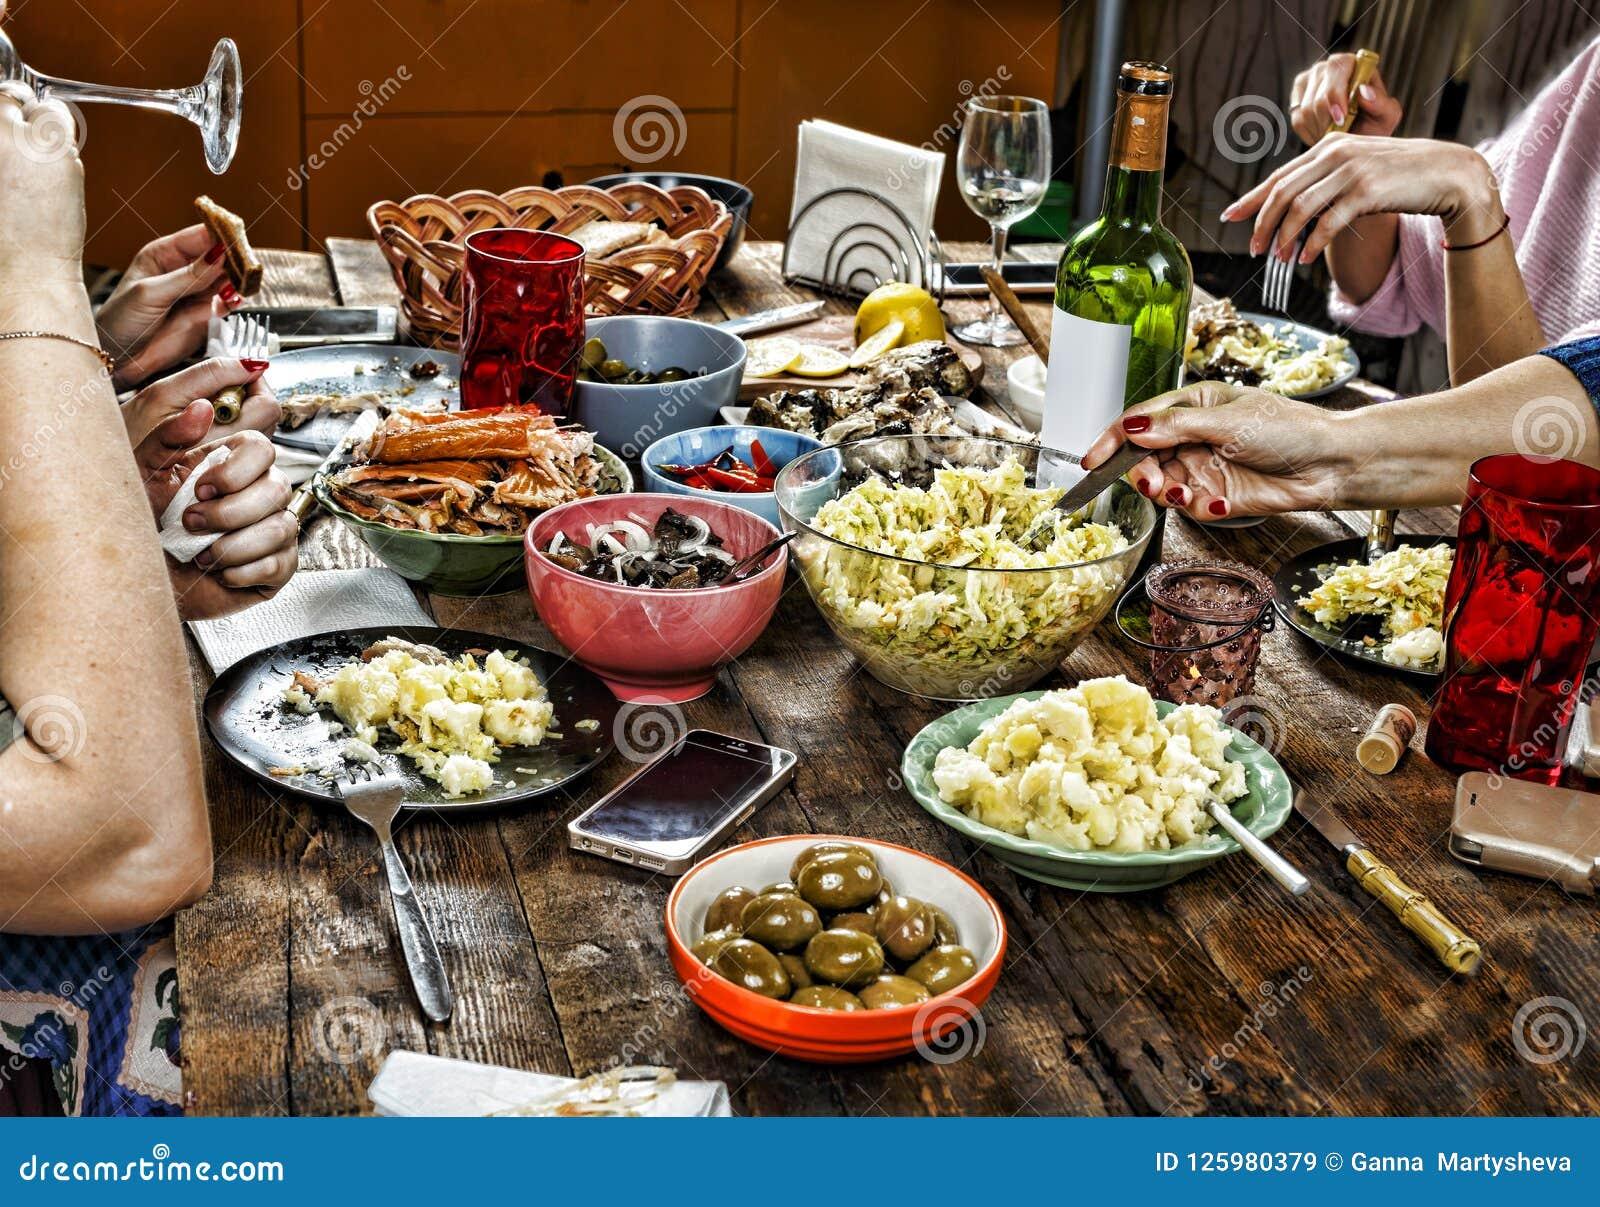 Äta middag familjtabellen Påsk mellanmål påskvin lycklig jul, ferie,